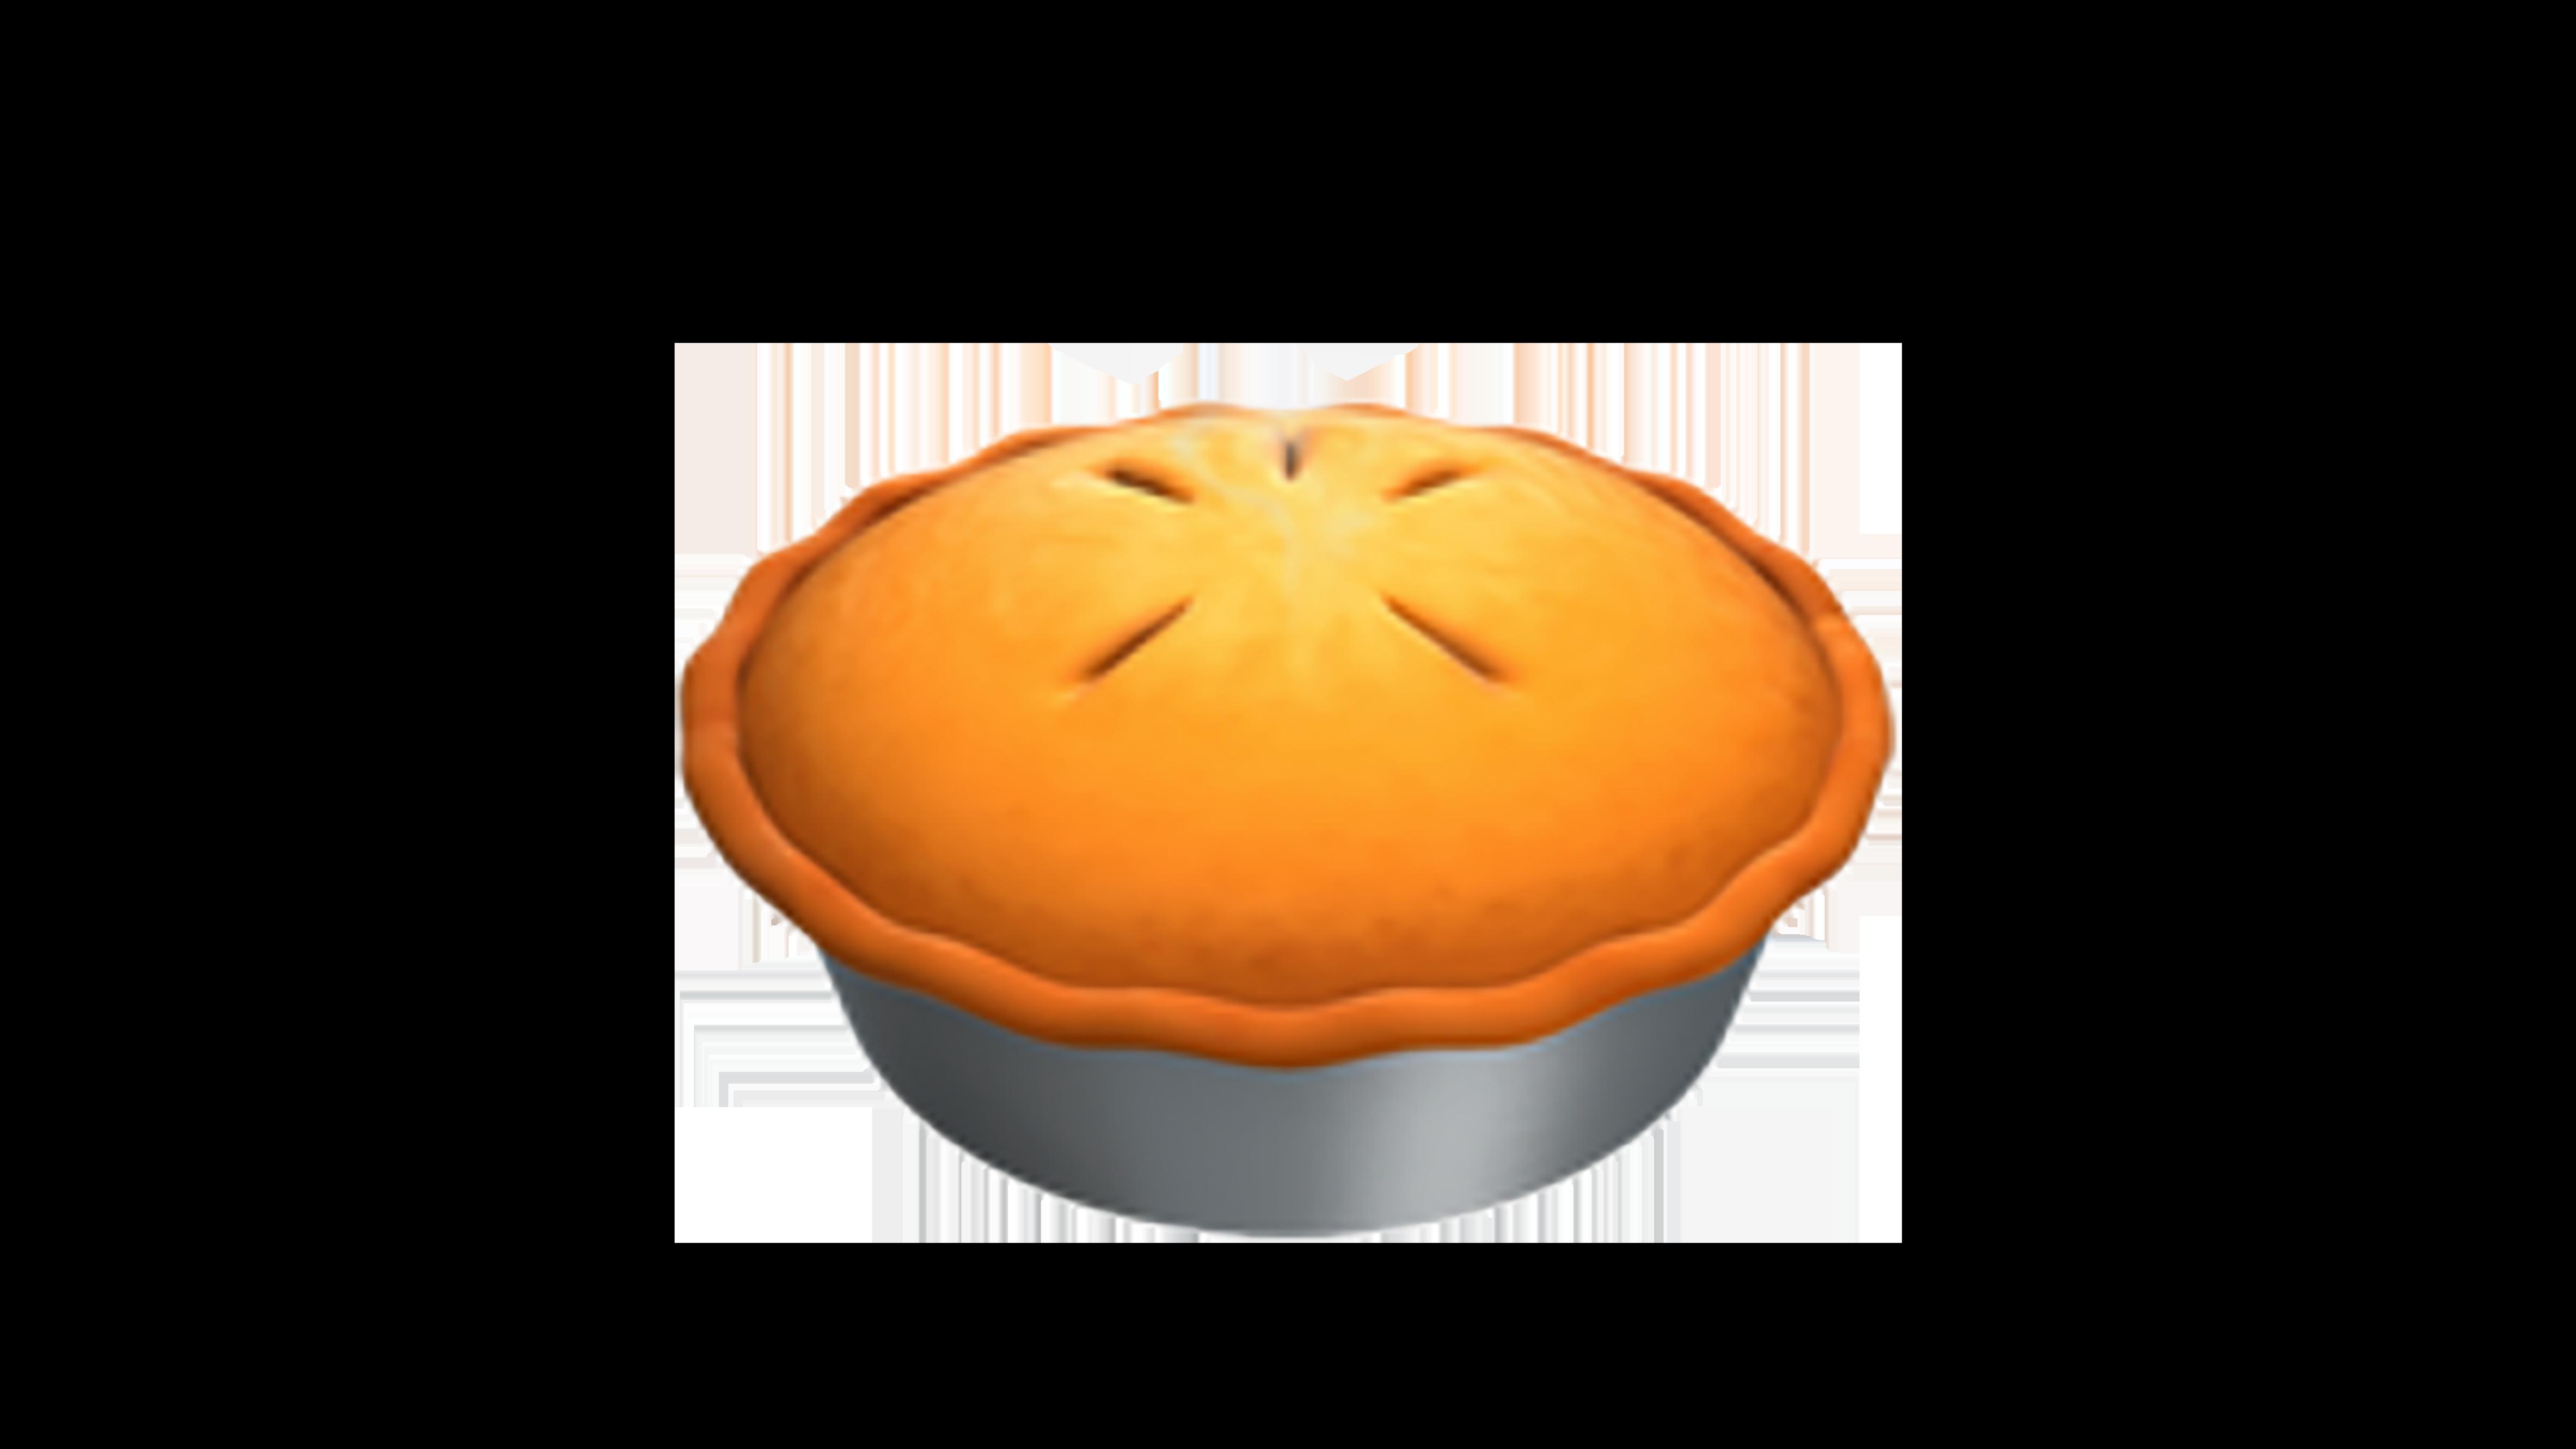 Pie emoji